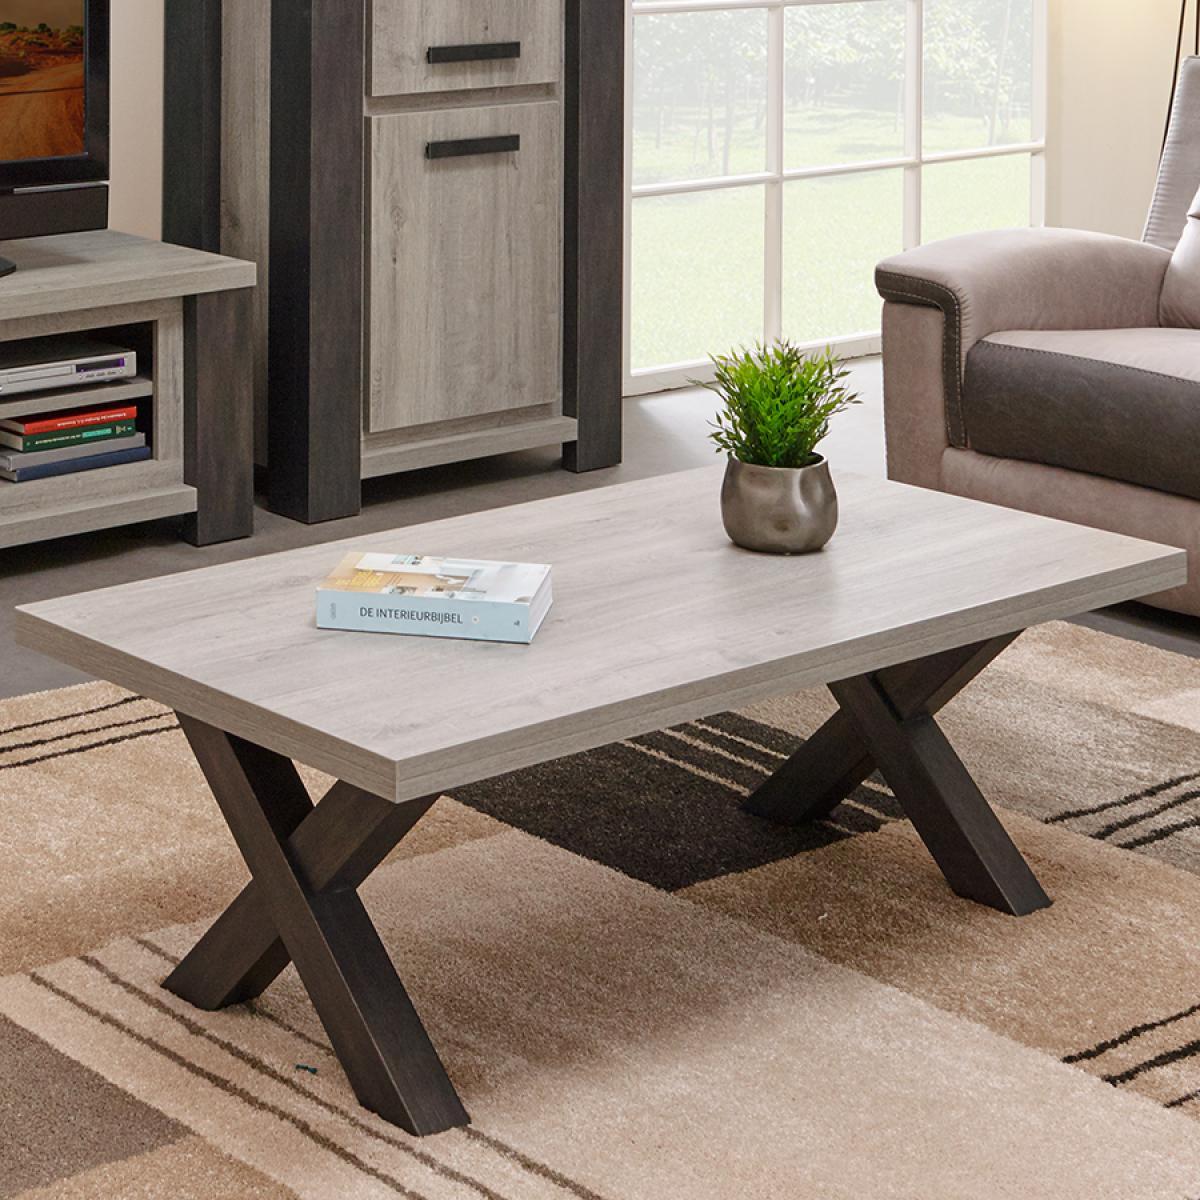 Nouvomeuble Table de salon couleur bois gris contemporaine MATHEIS